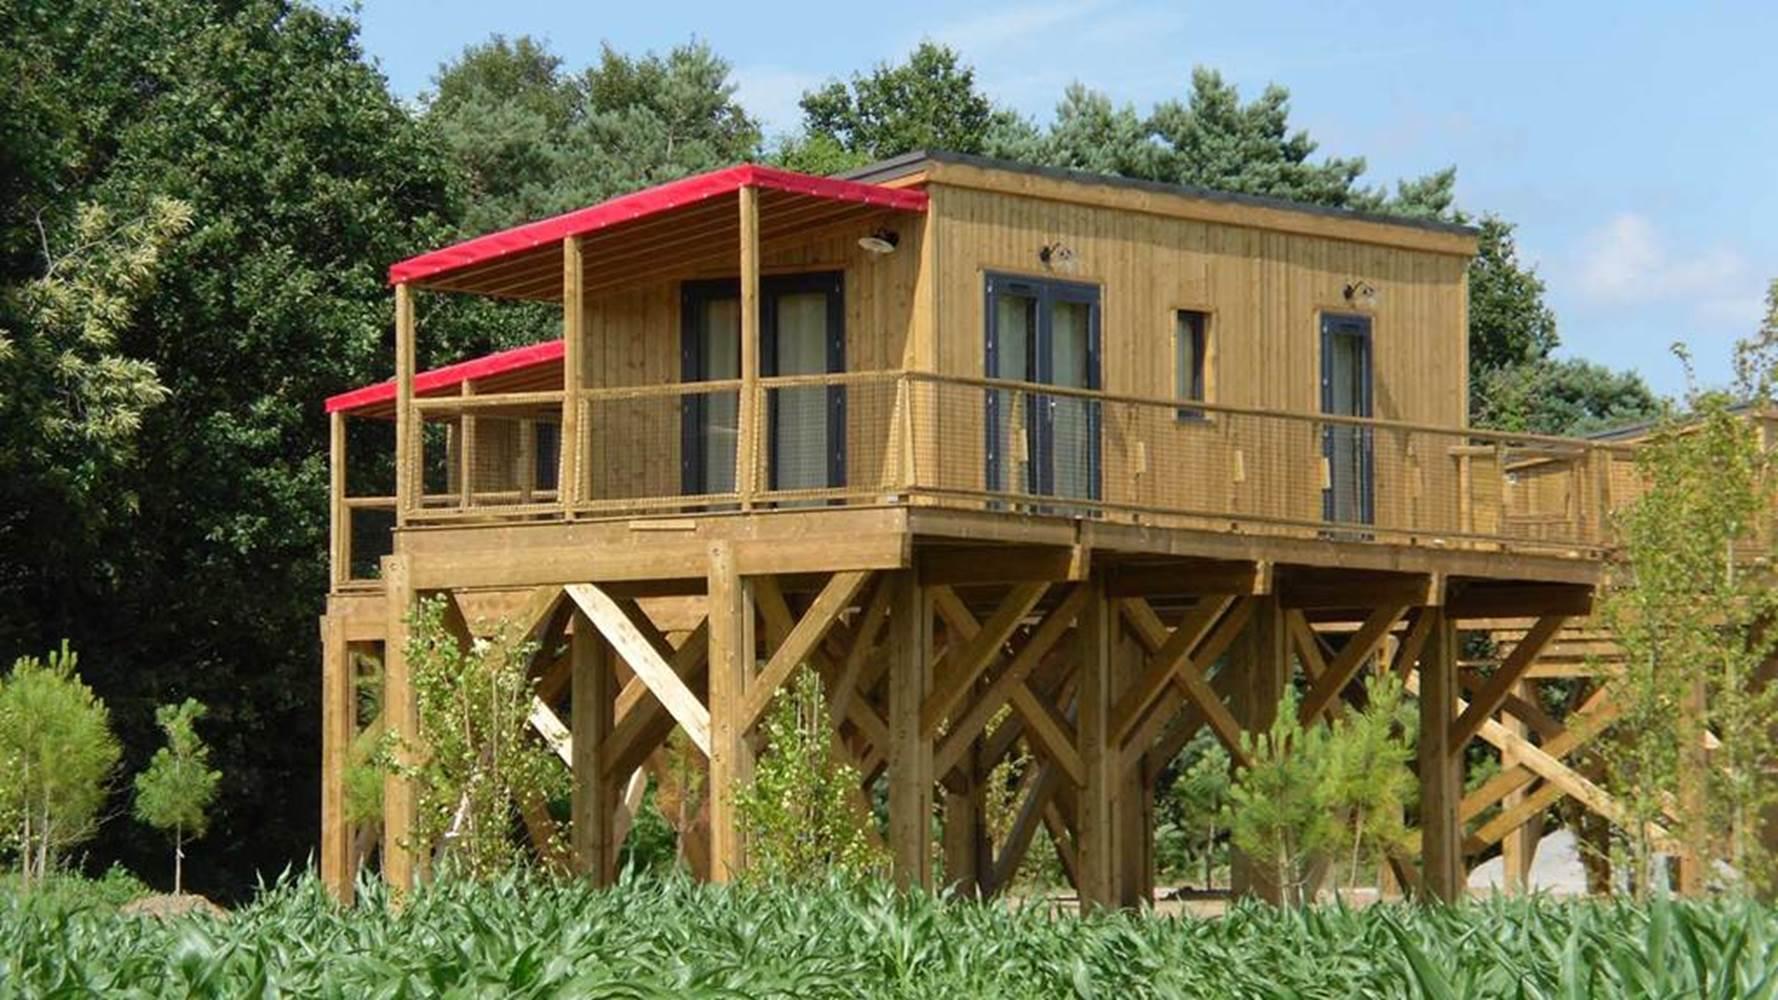 cottage sur pilotis - Domaine de Kervallon, caro, morbihan © domaine de kervallon